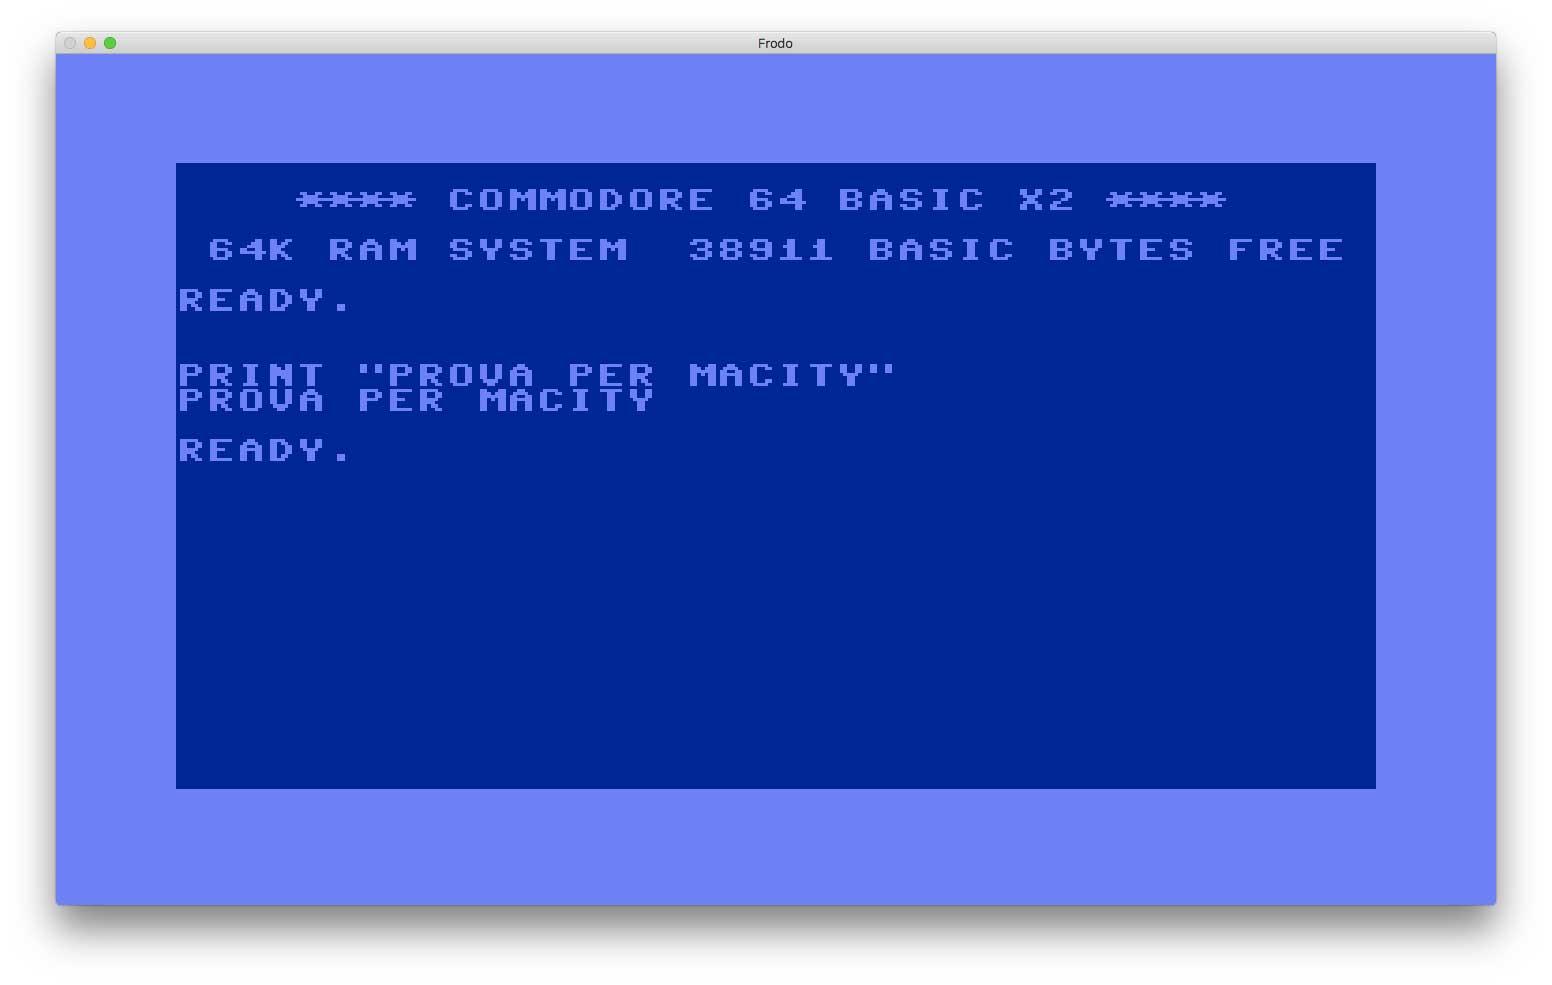 Frodo è un emulatore di Commodore 64: offre diversi livelli di emulazione, simula la presenza del floppy disk drive 1541, emula il chip video (VIC-II) e supporta file in formato D64, X64, T64 e LYNX.